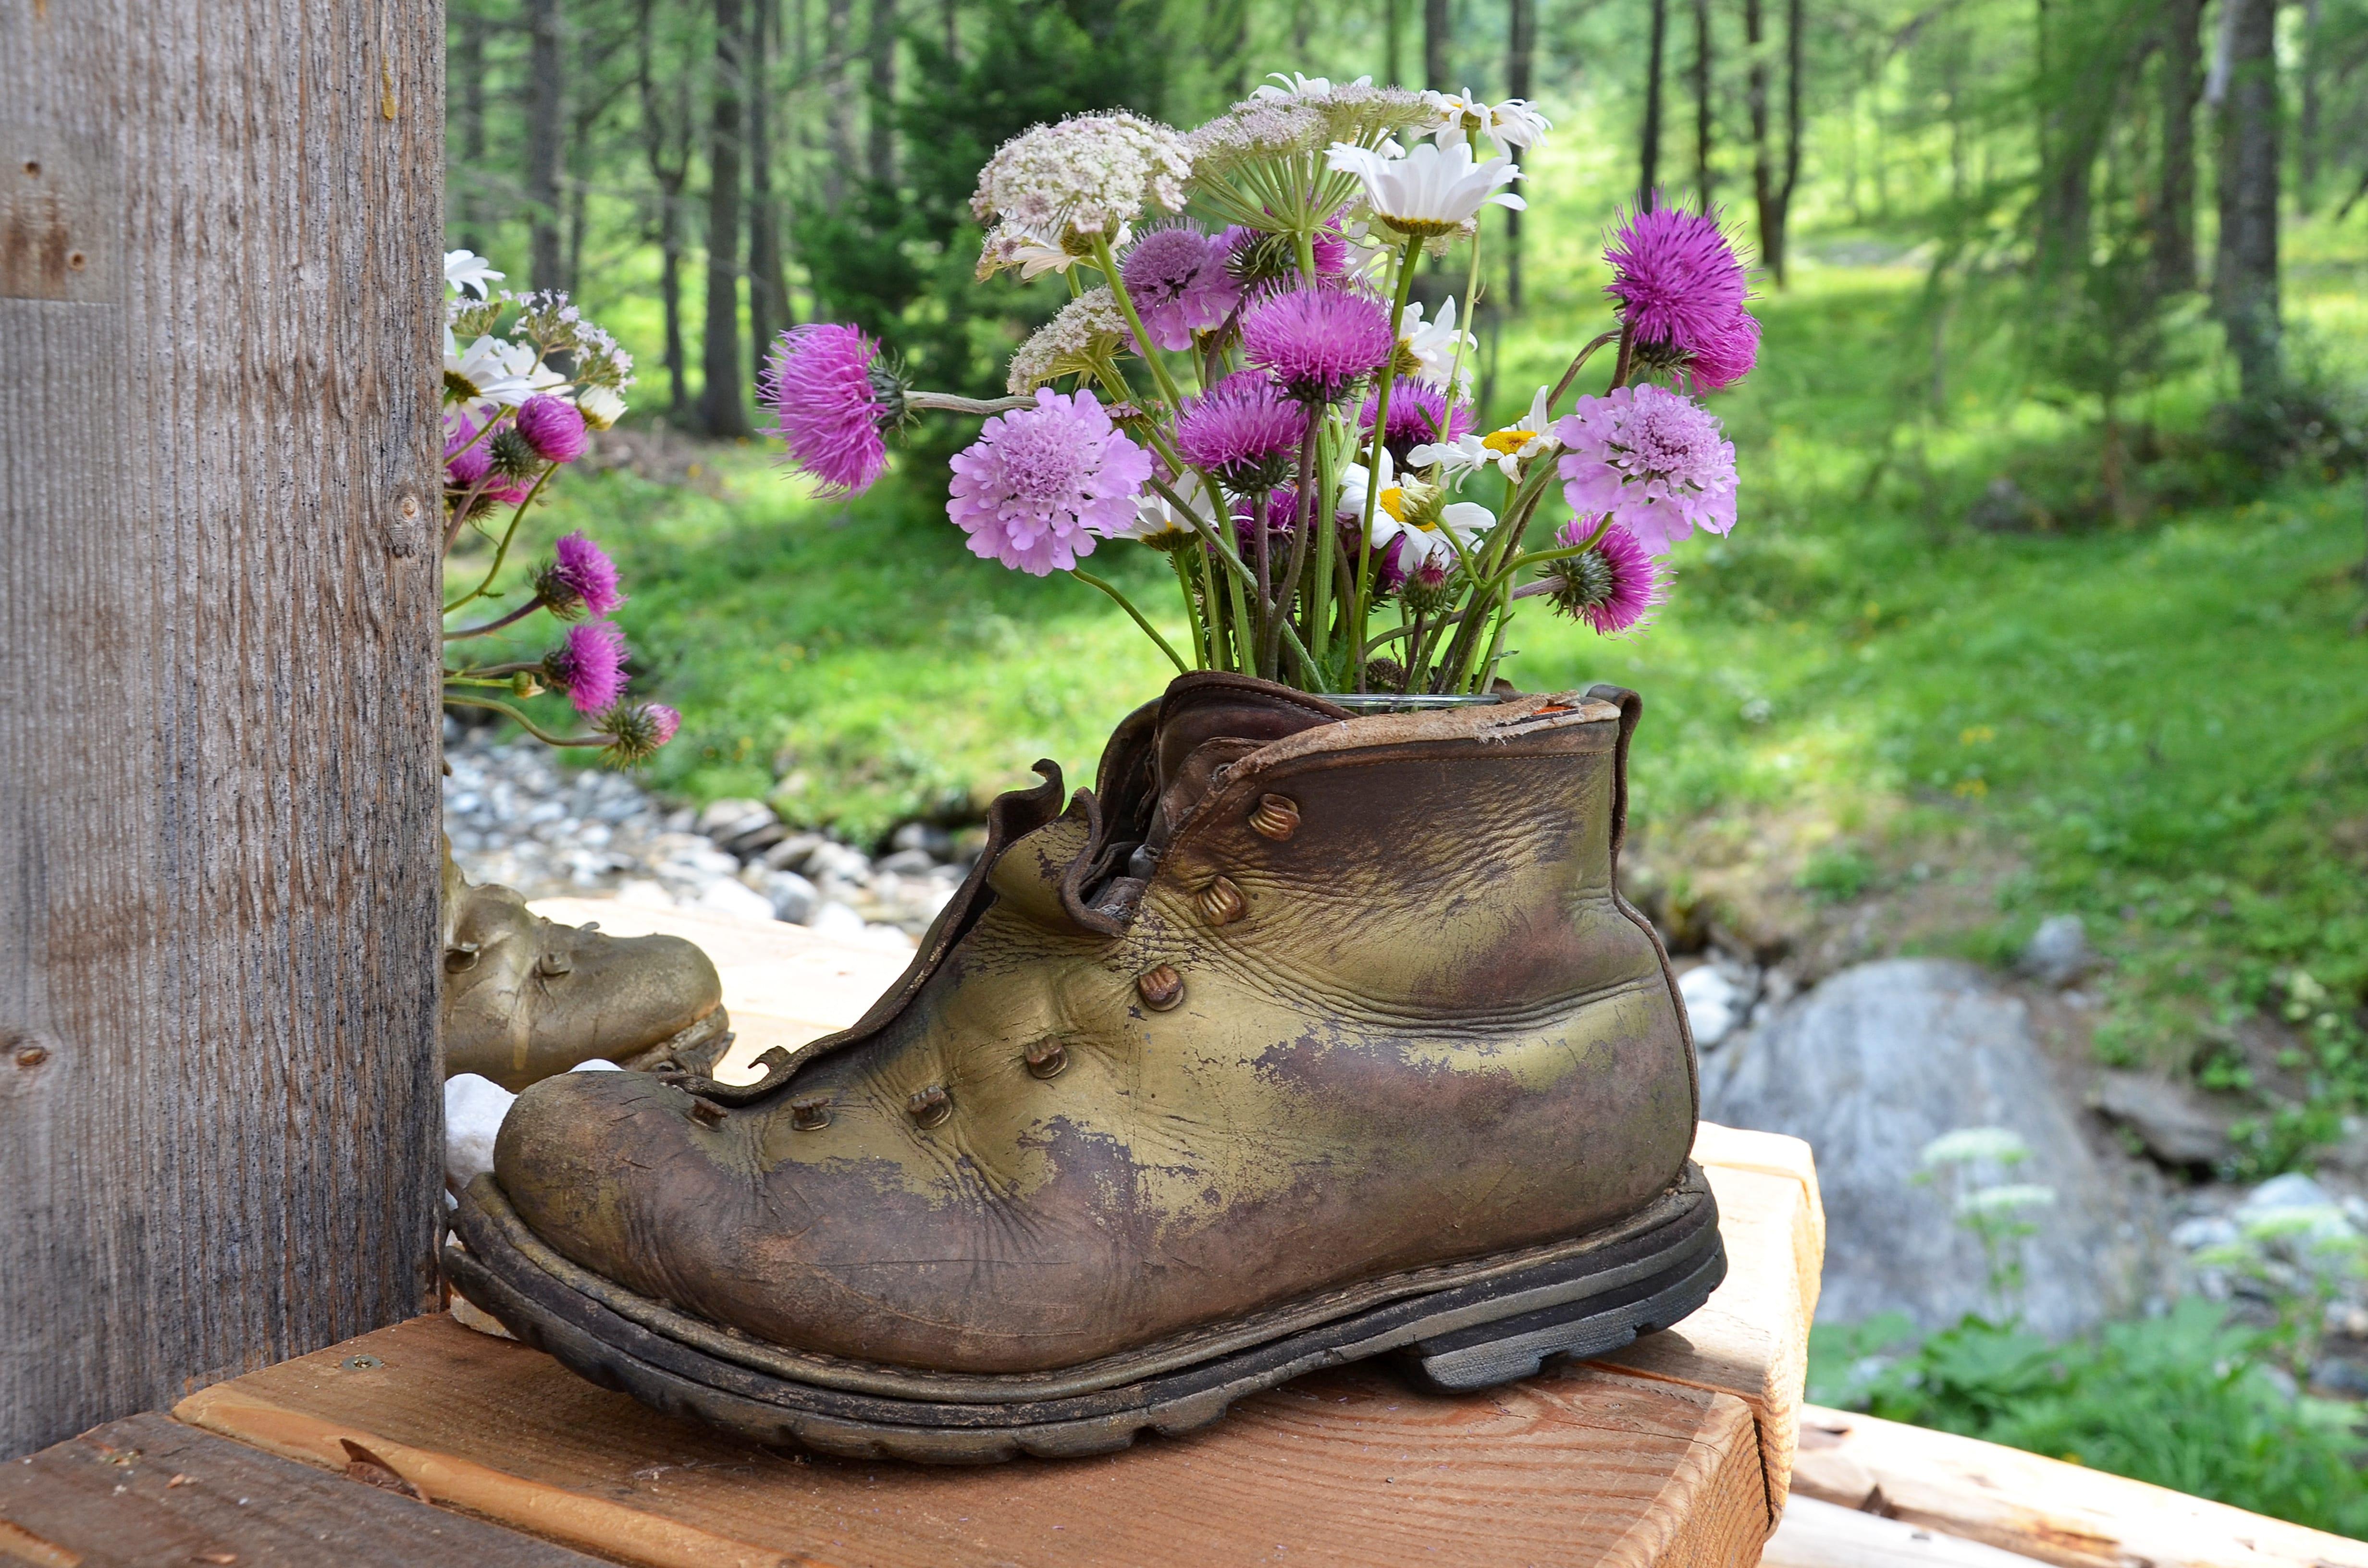 Schuhe wiederverwerten – 4 Möglichkeiten